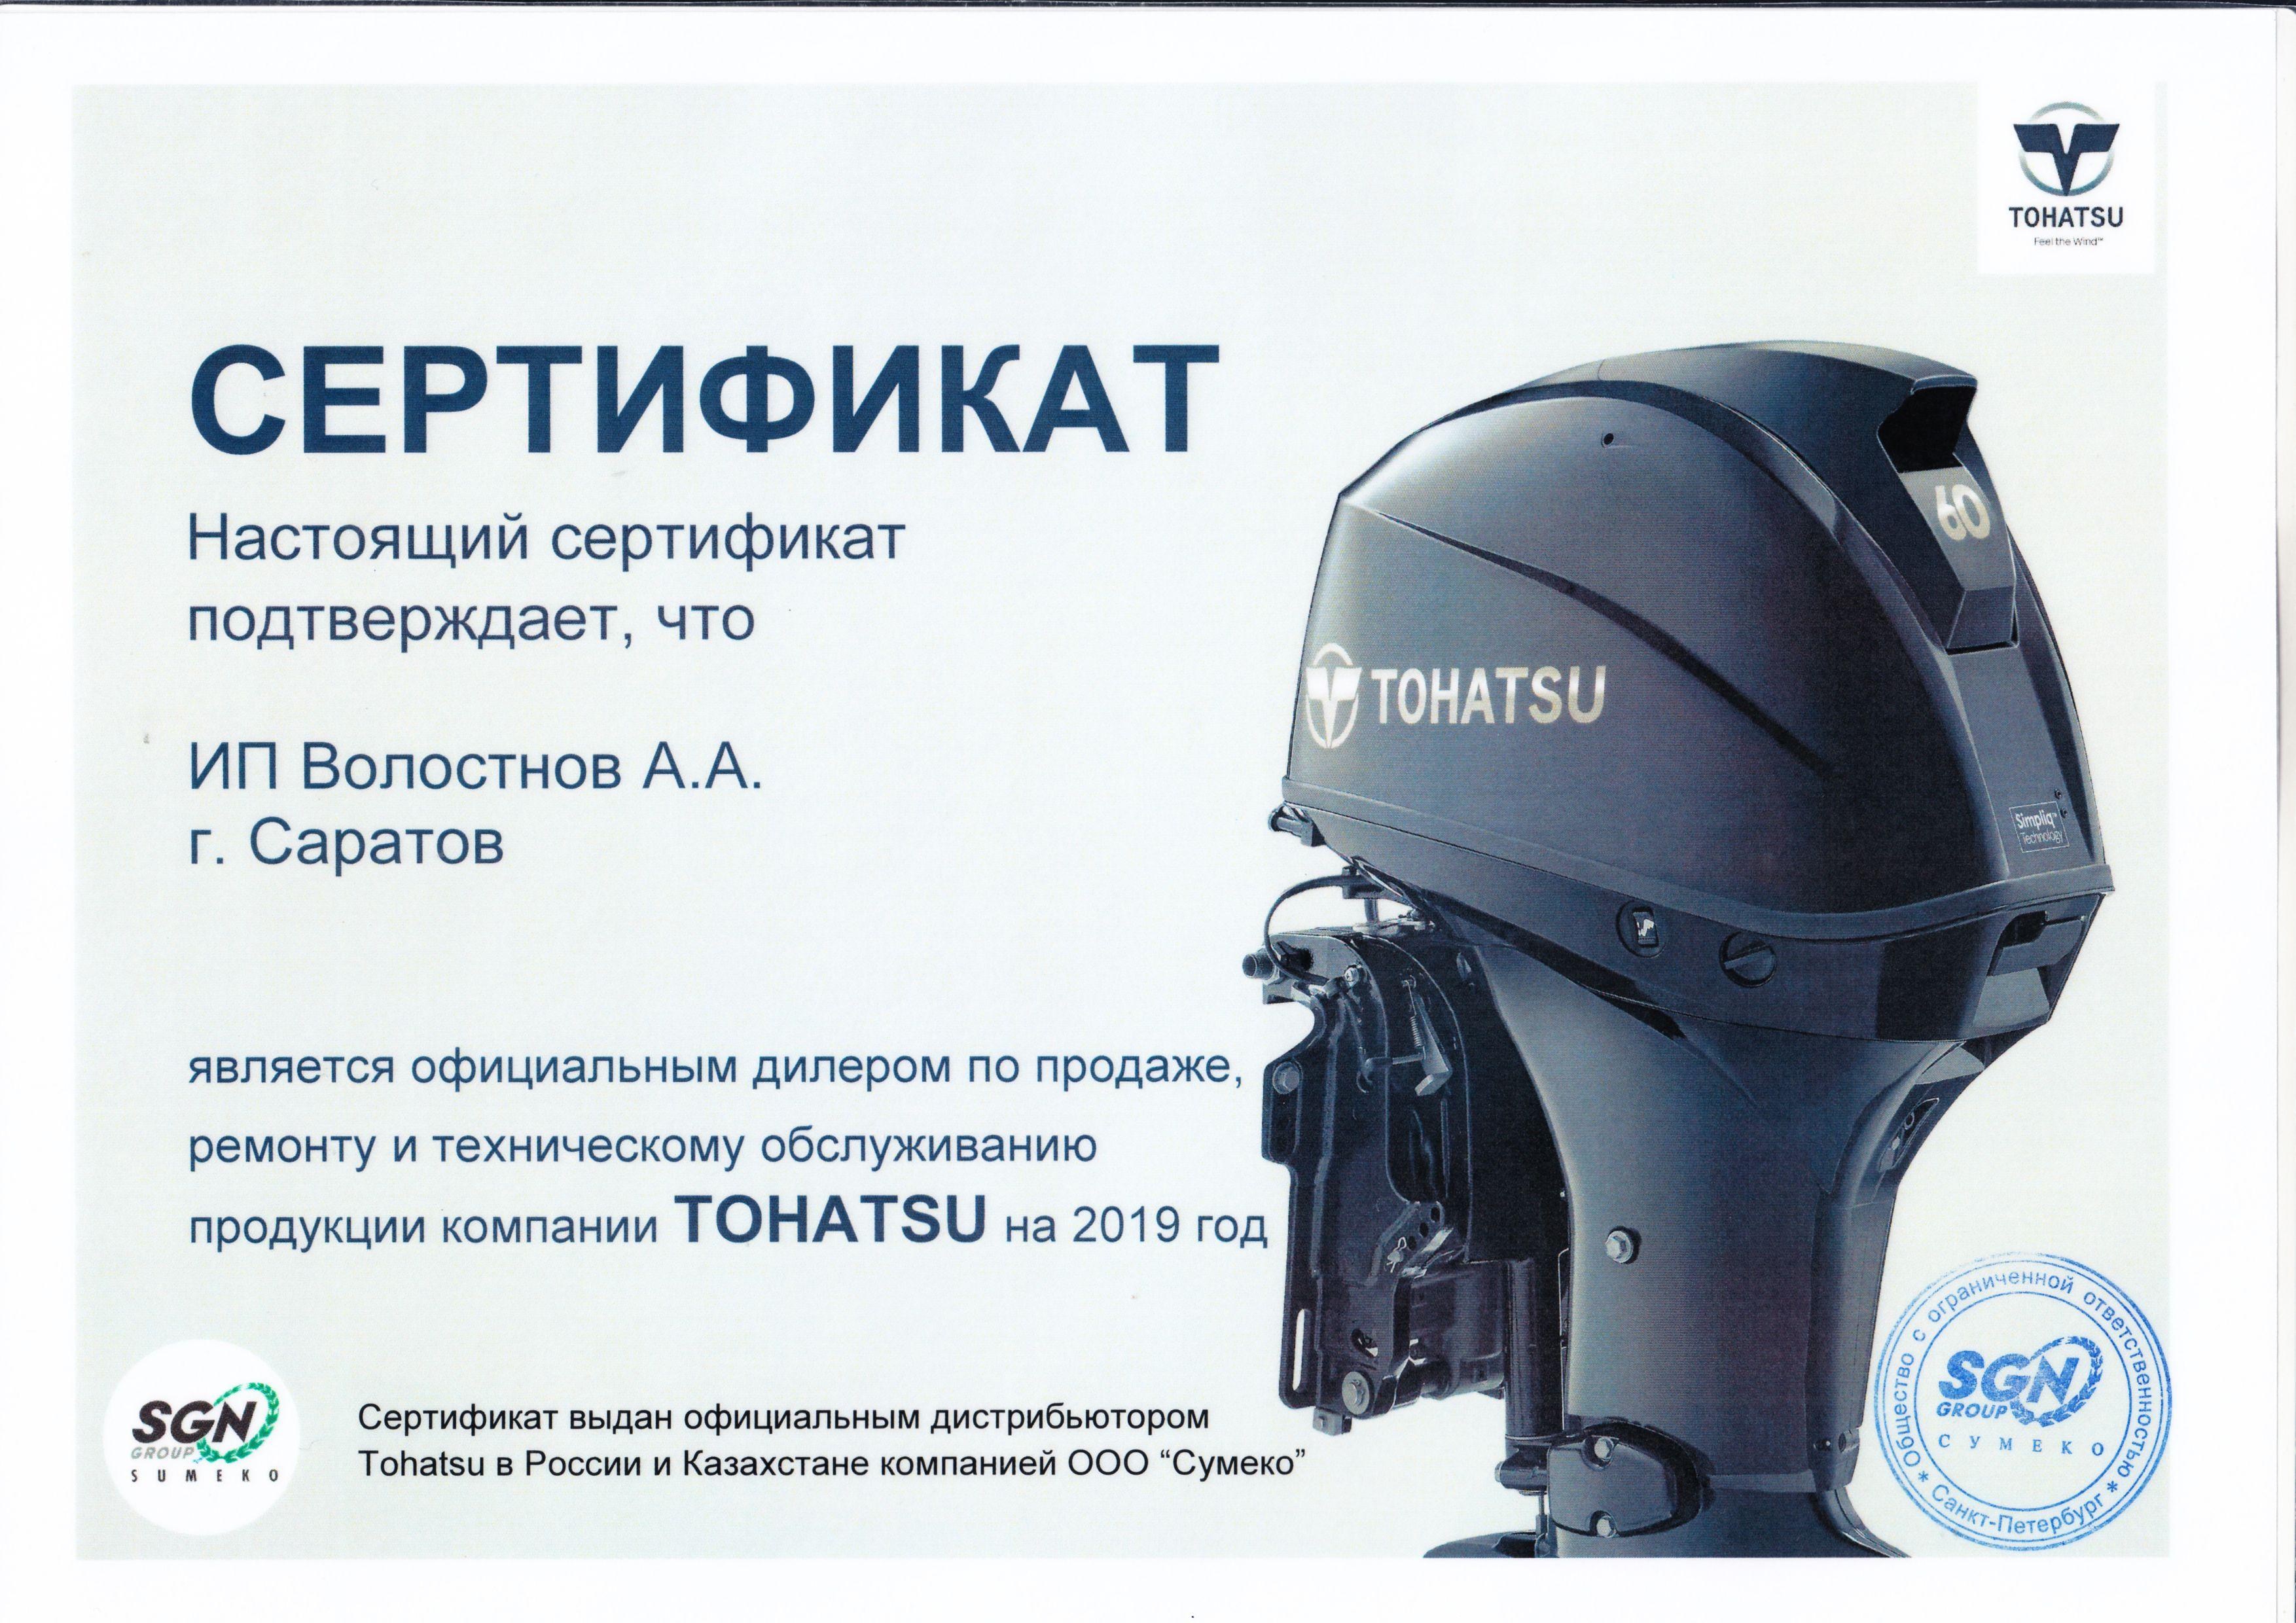 Tohatsu официальный дилер